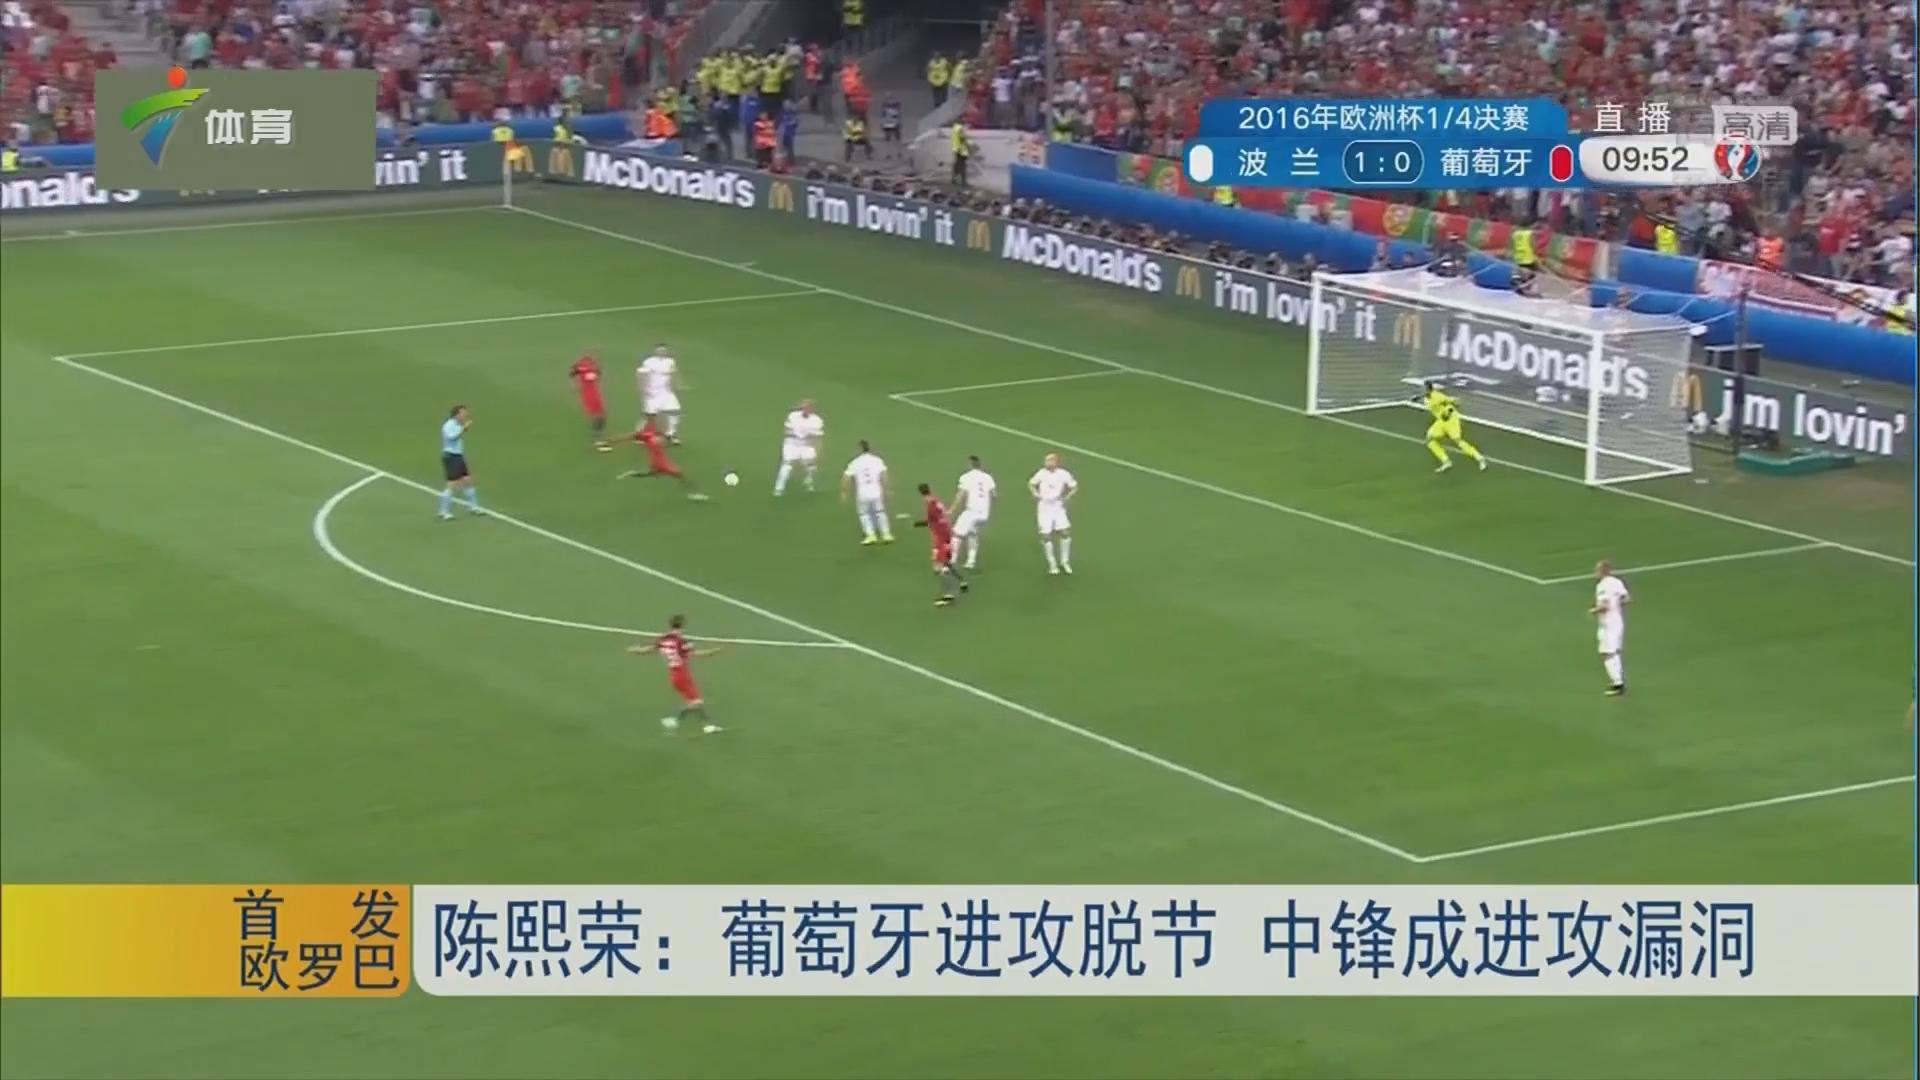 陈熙荣:葡萄牙进攻脱节 中锋成进攻漏洞